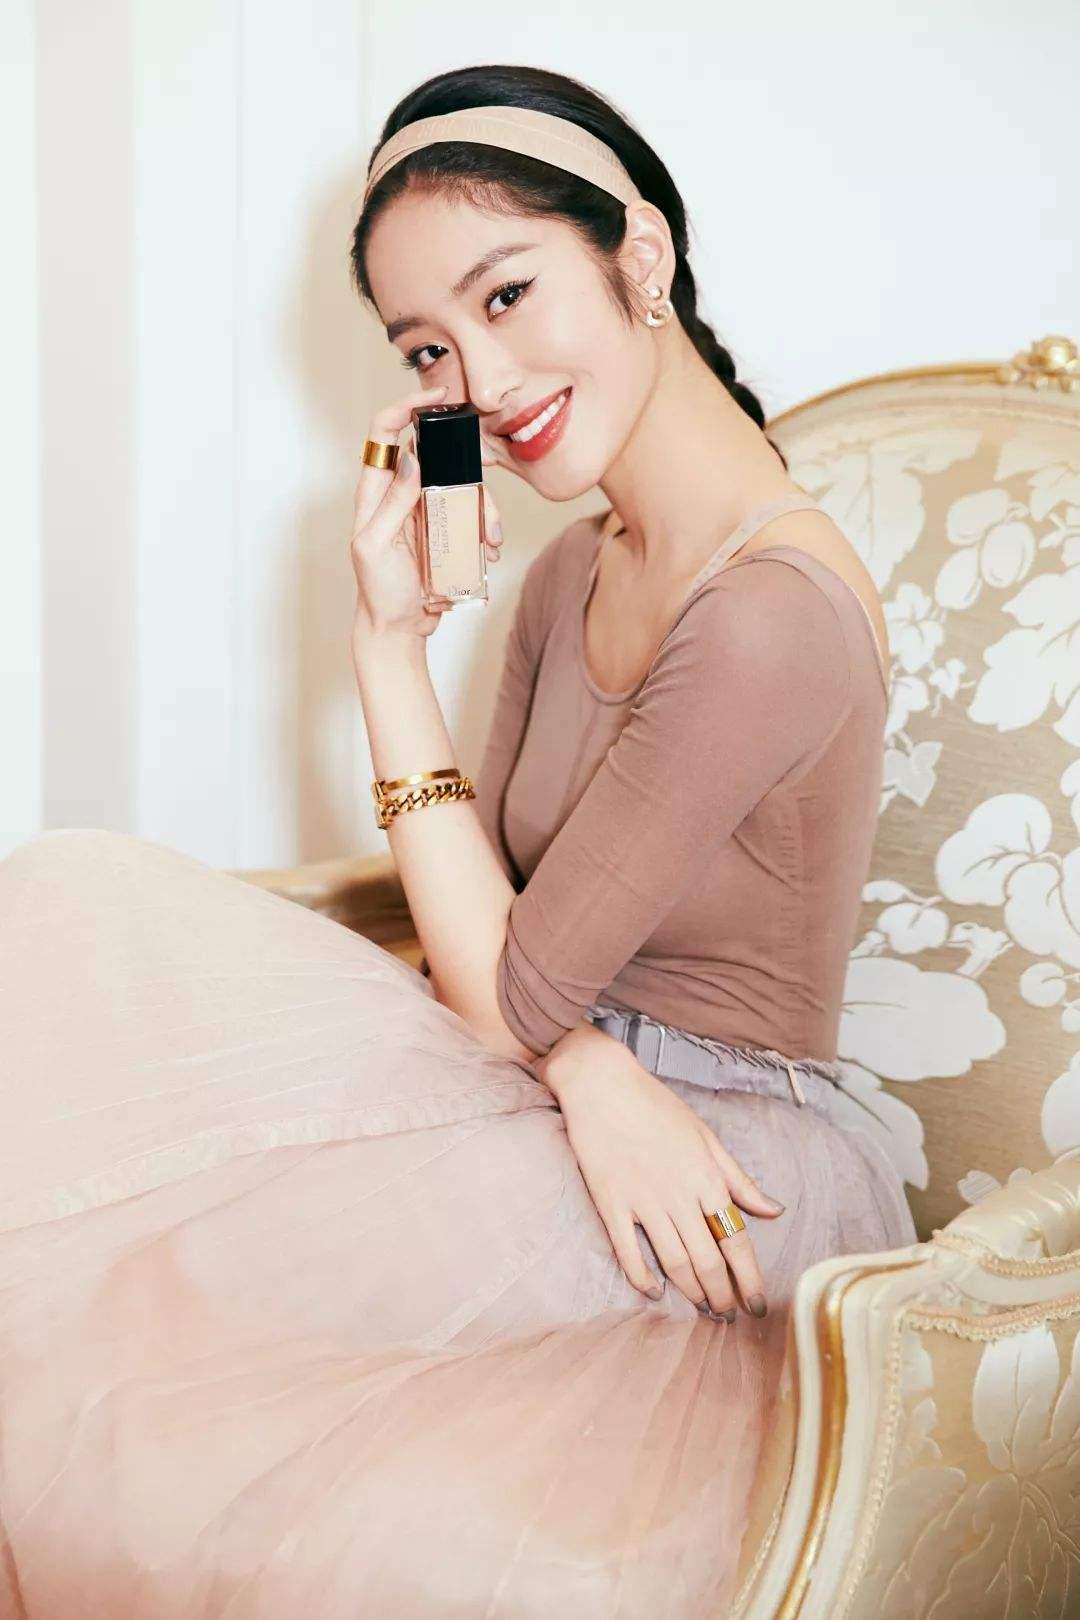 杨采钰的法式穿搭让人看不够,收下她这套万能公式,尽显优雅风情